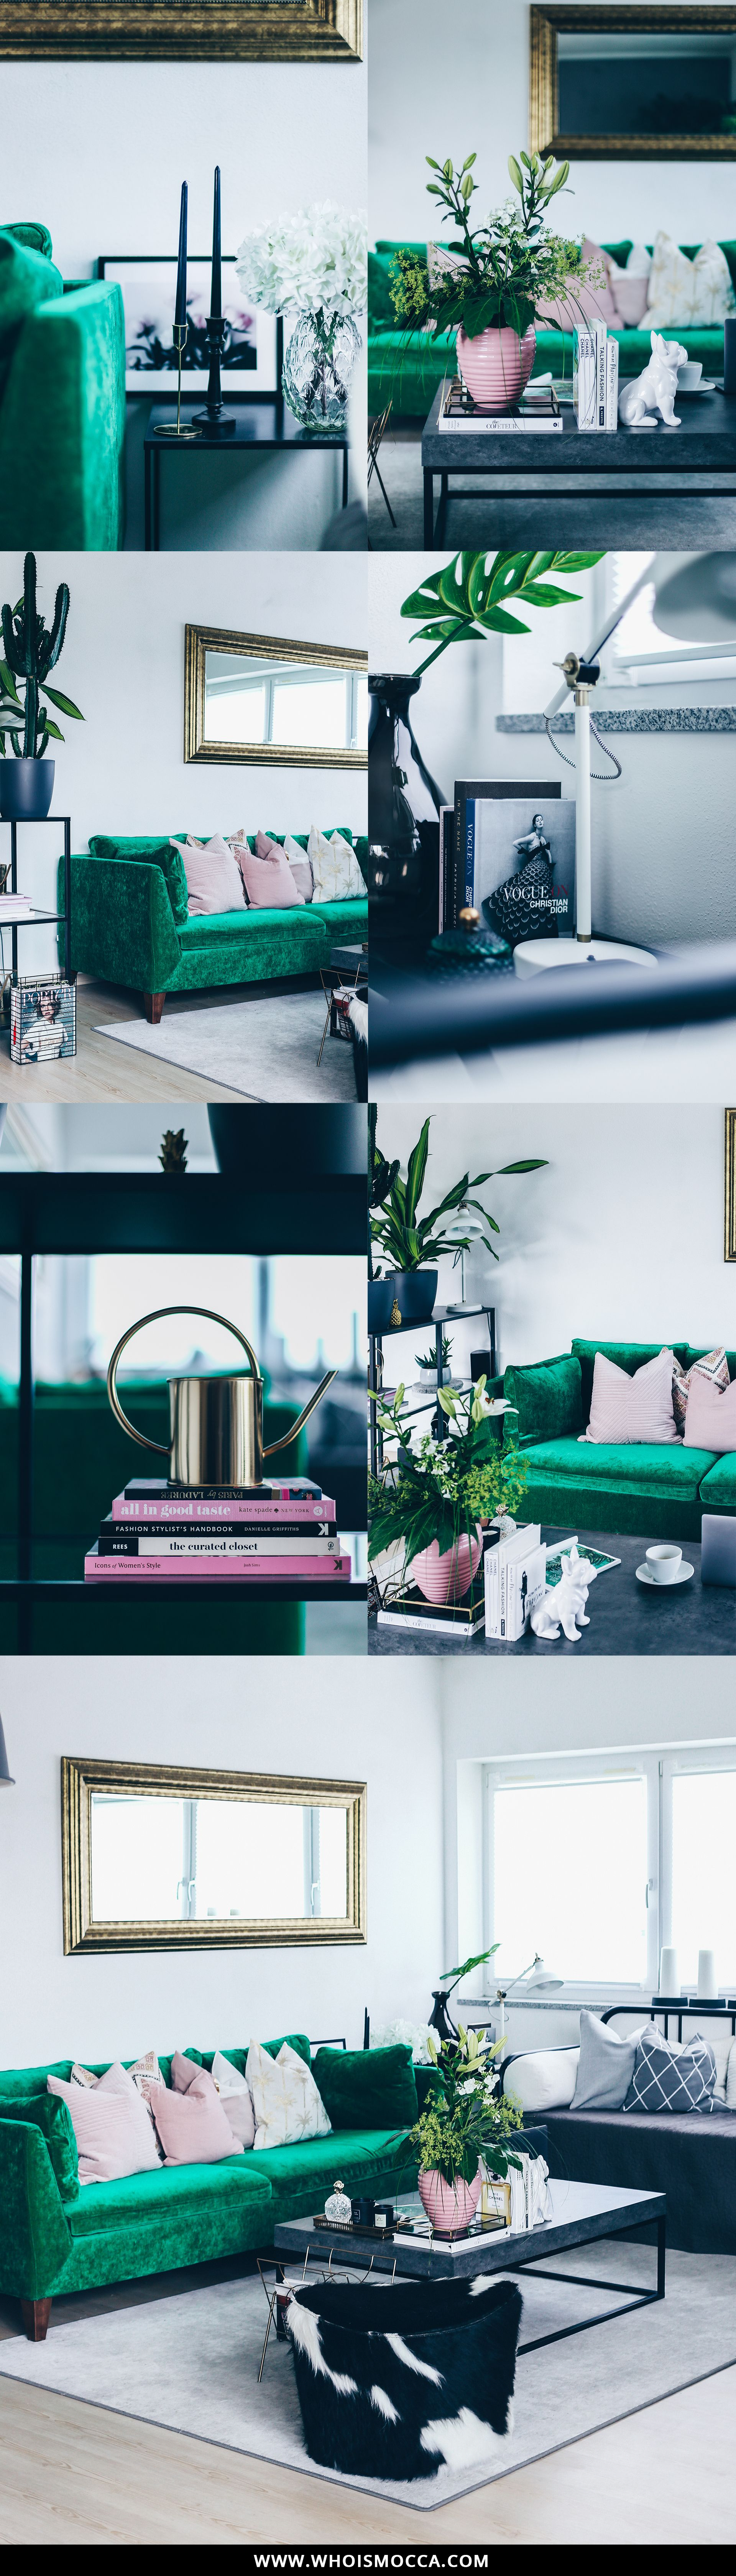 Sofa Im Industrial Chic Mit Beton Couchtisch, Industrial Teppich, Grünes  Sofa, Ikea